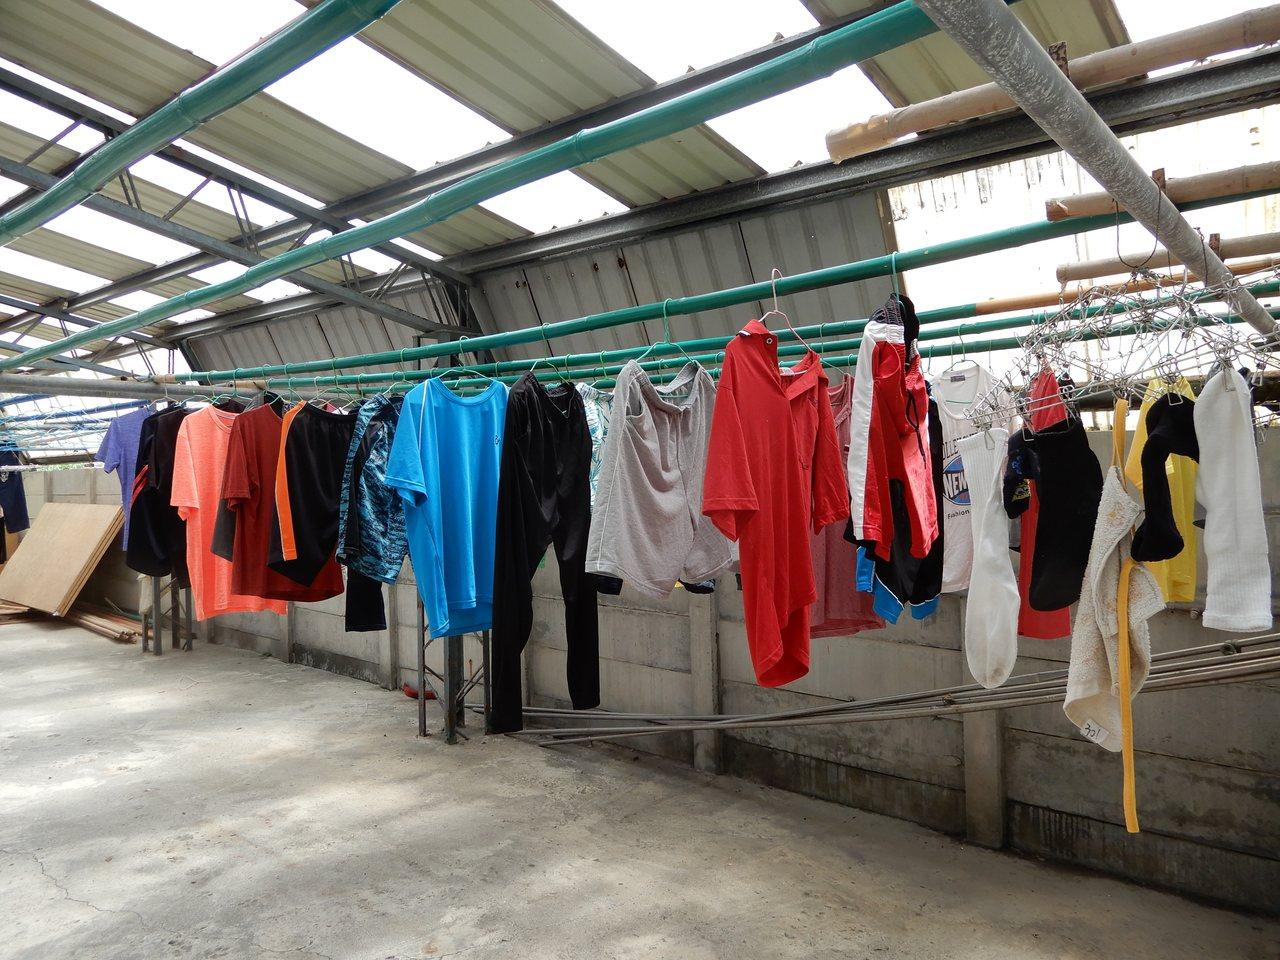 二林鎮喜樂保育院生的衣物少部分為民眾捐贈。圖/喜樂保育院提供